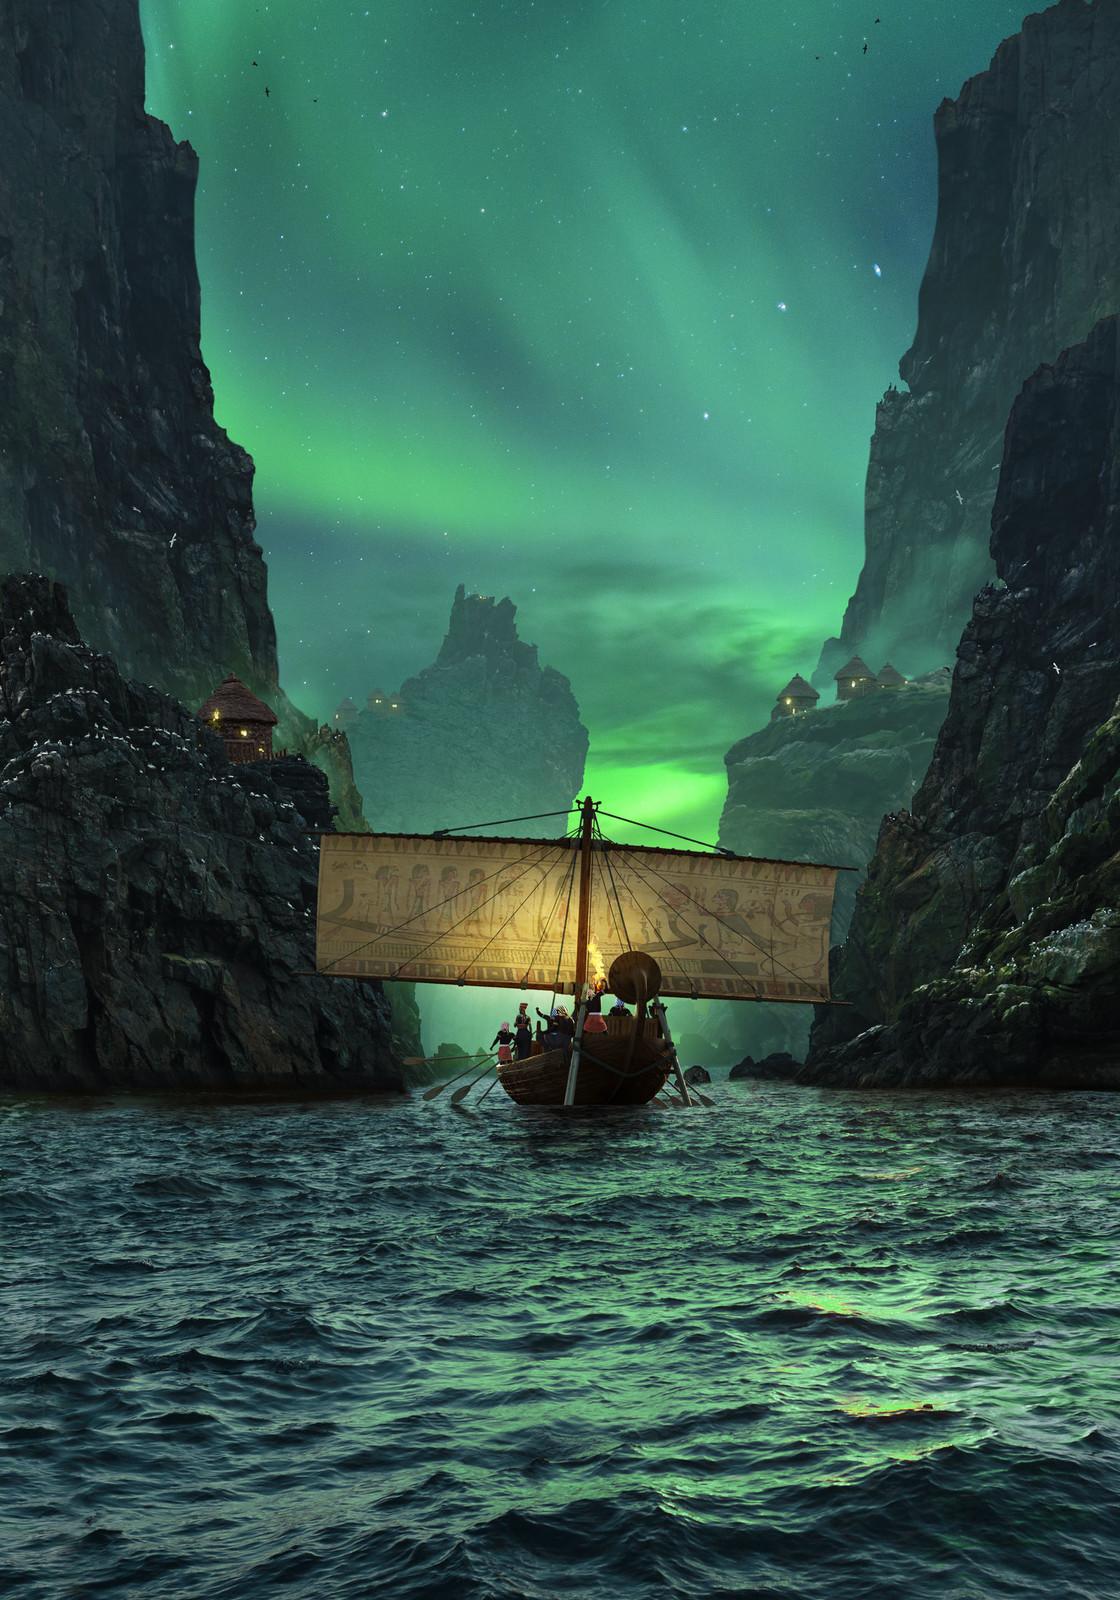 The Celtic Empire